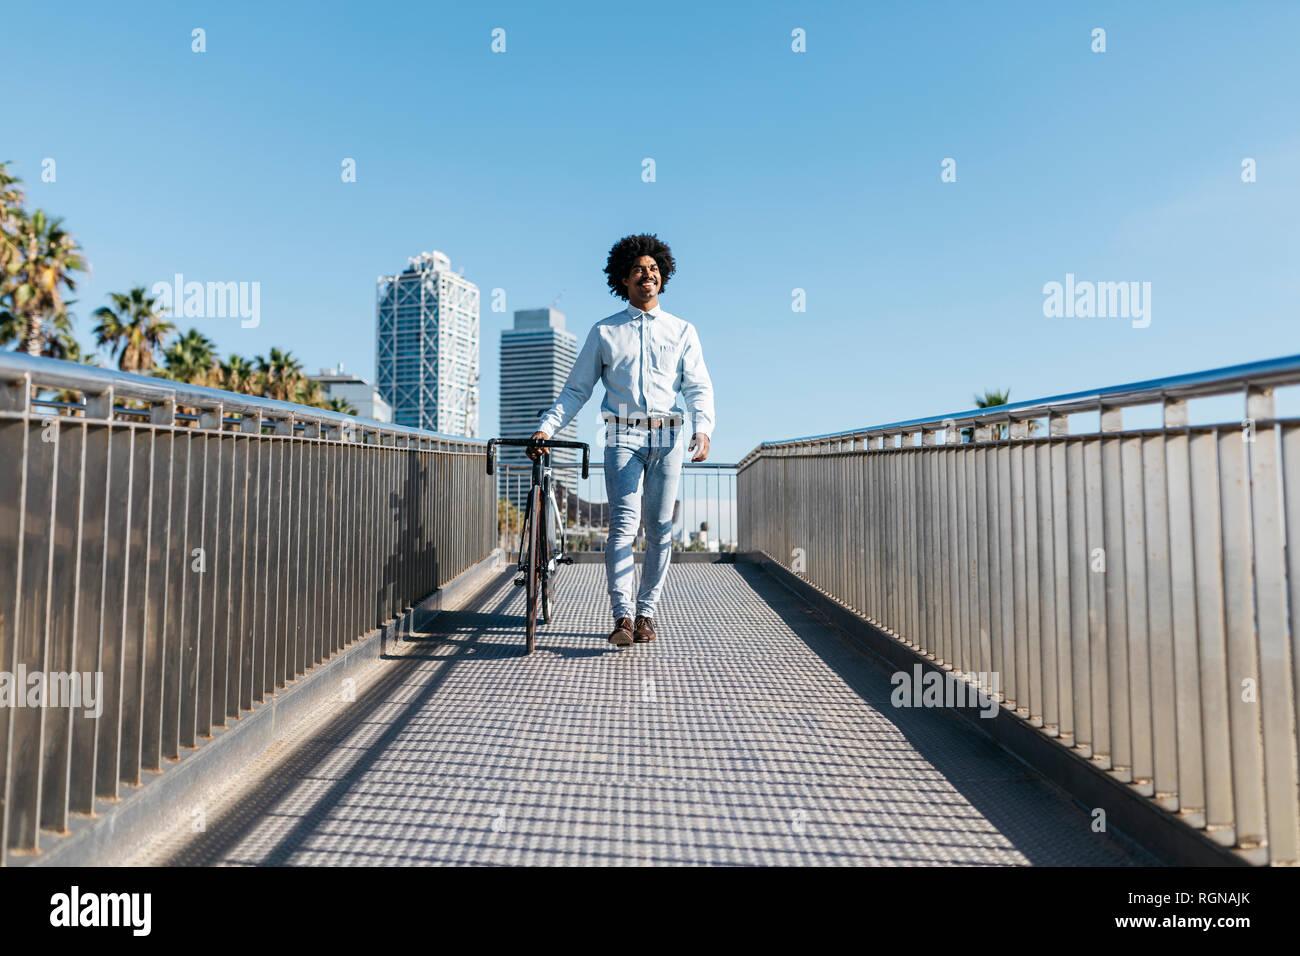 Mitad hombre adulto empujando su bicicleta sobre un puente en la ciudad Foto de stock